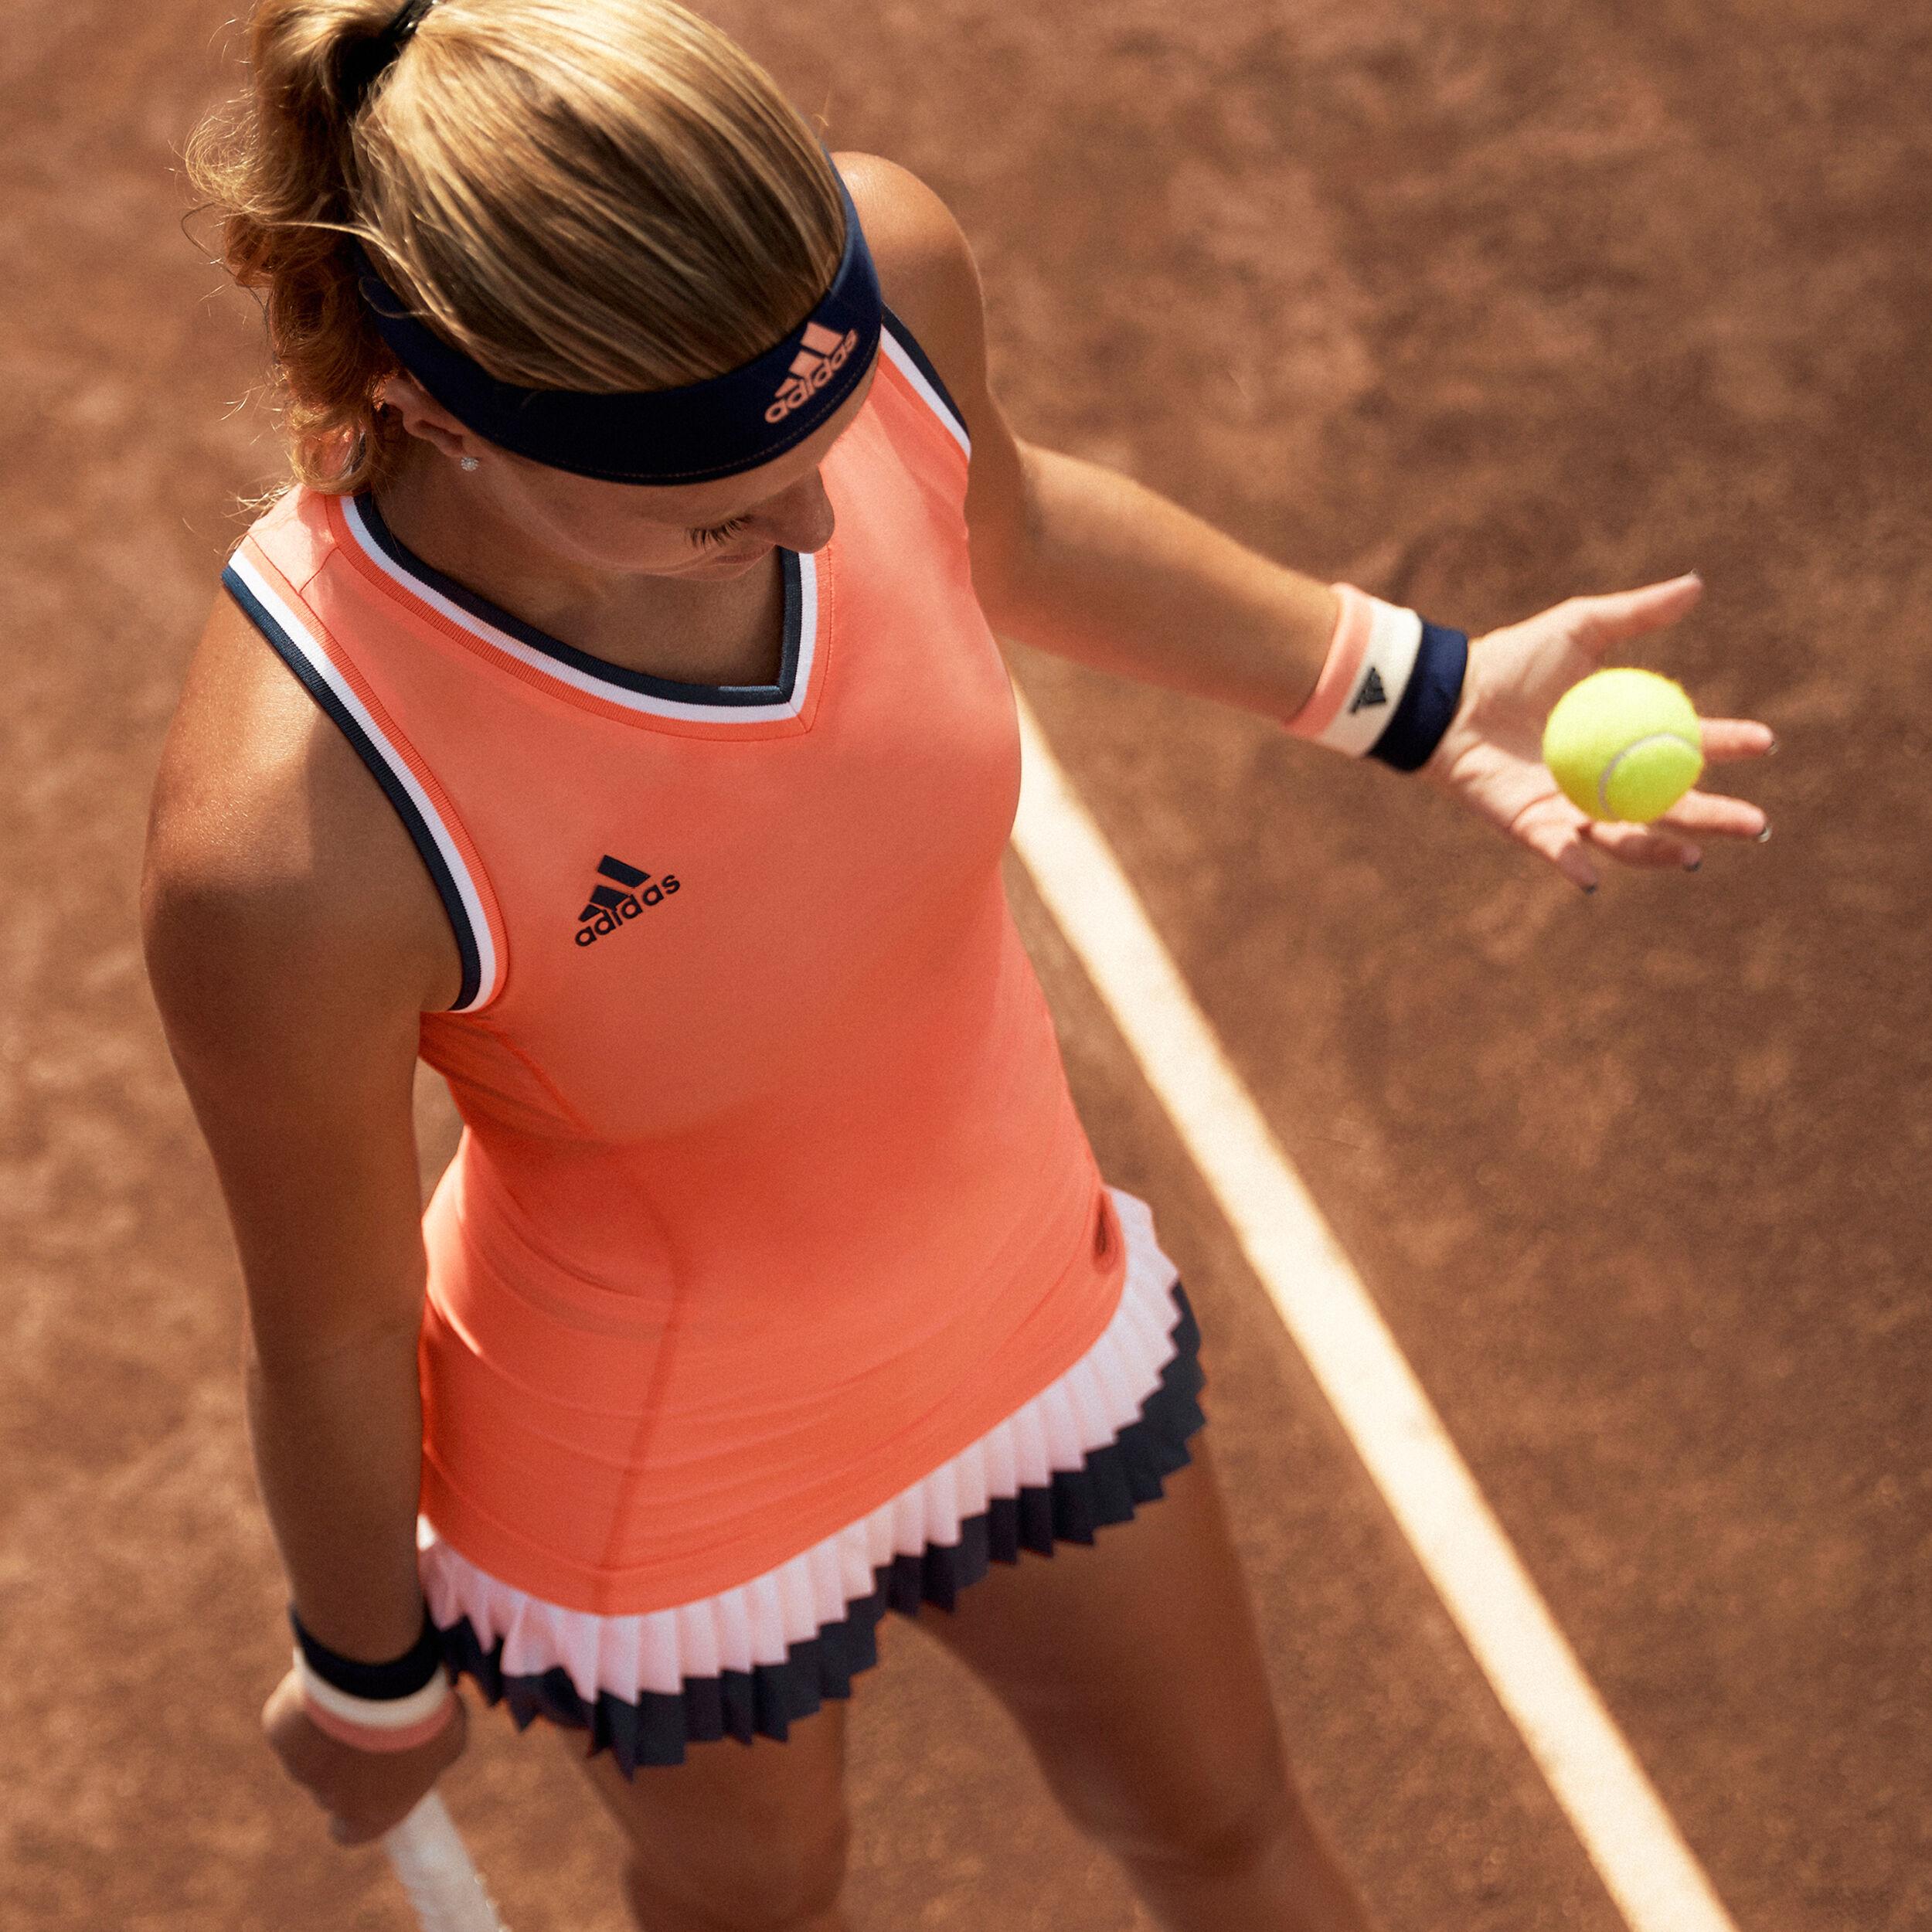 Polo ramasseuses manches courtes en polyester Adidas Roland Garros fille corail